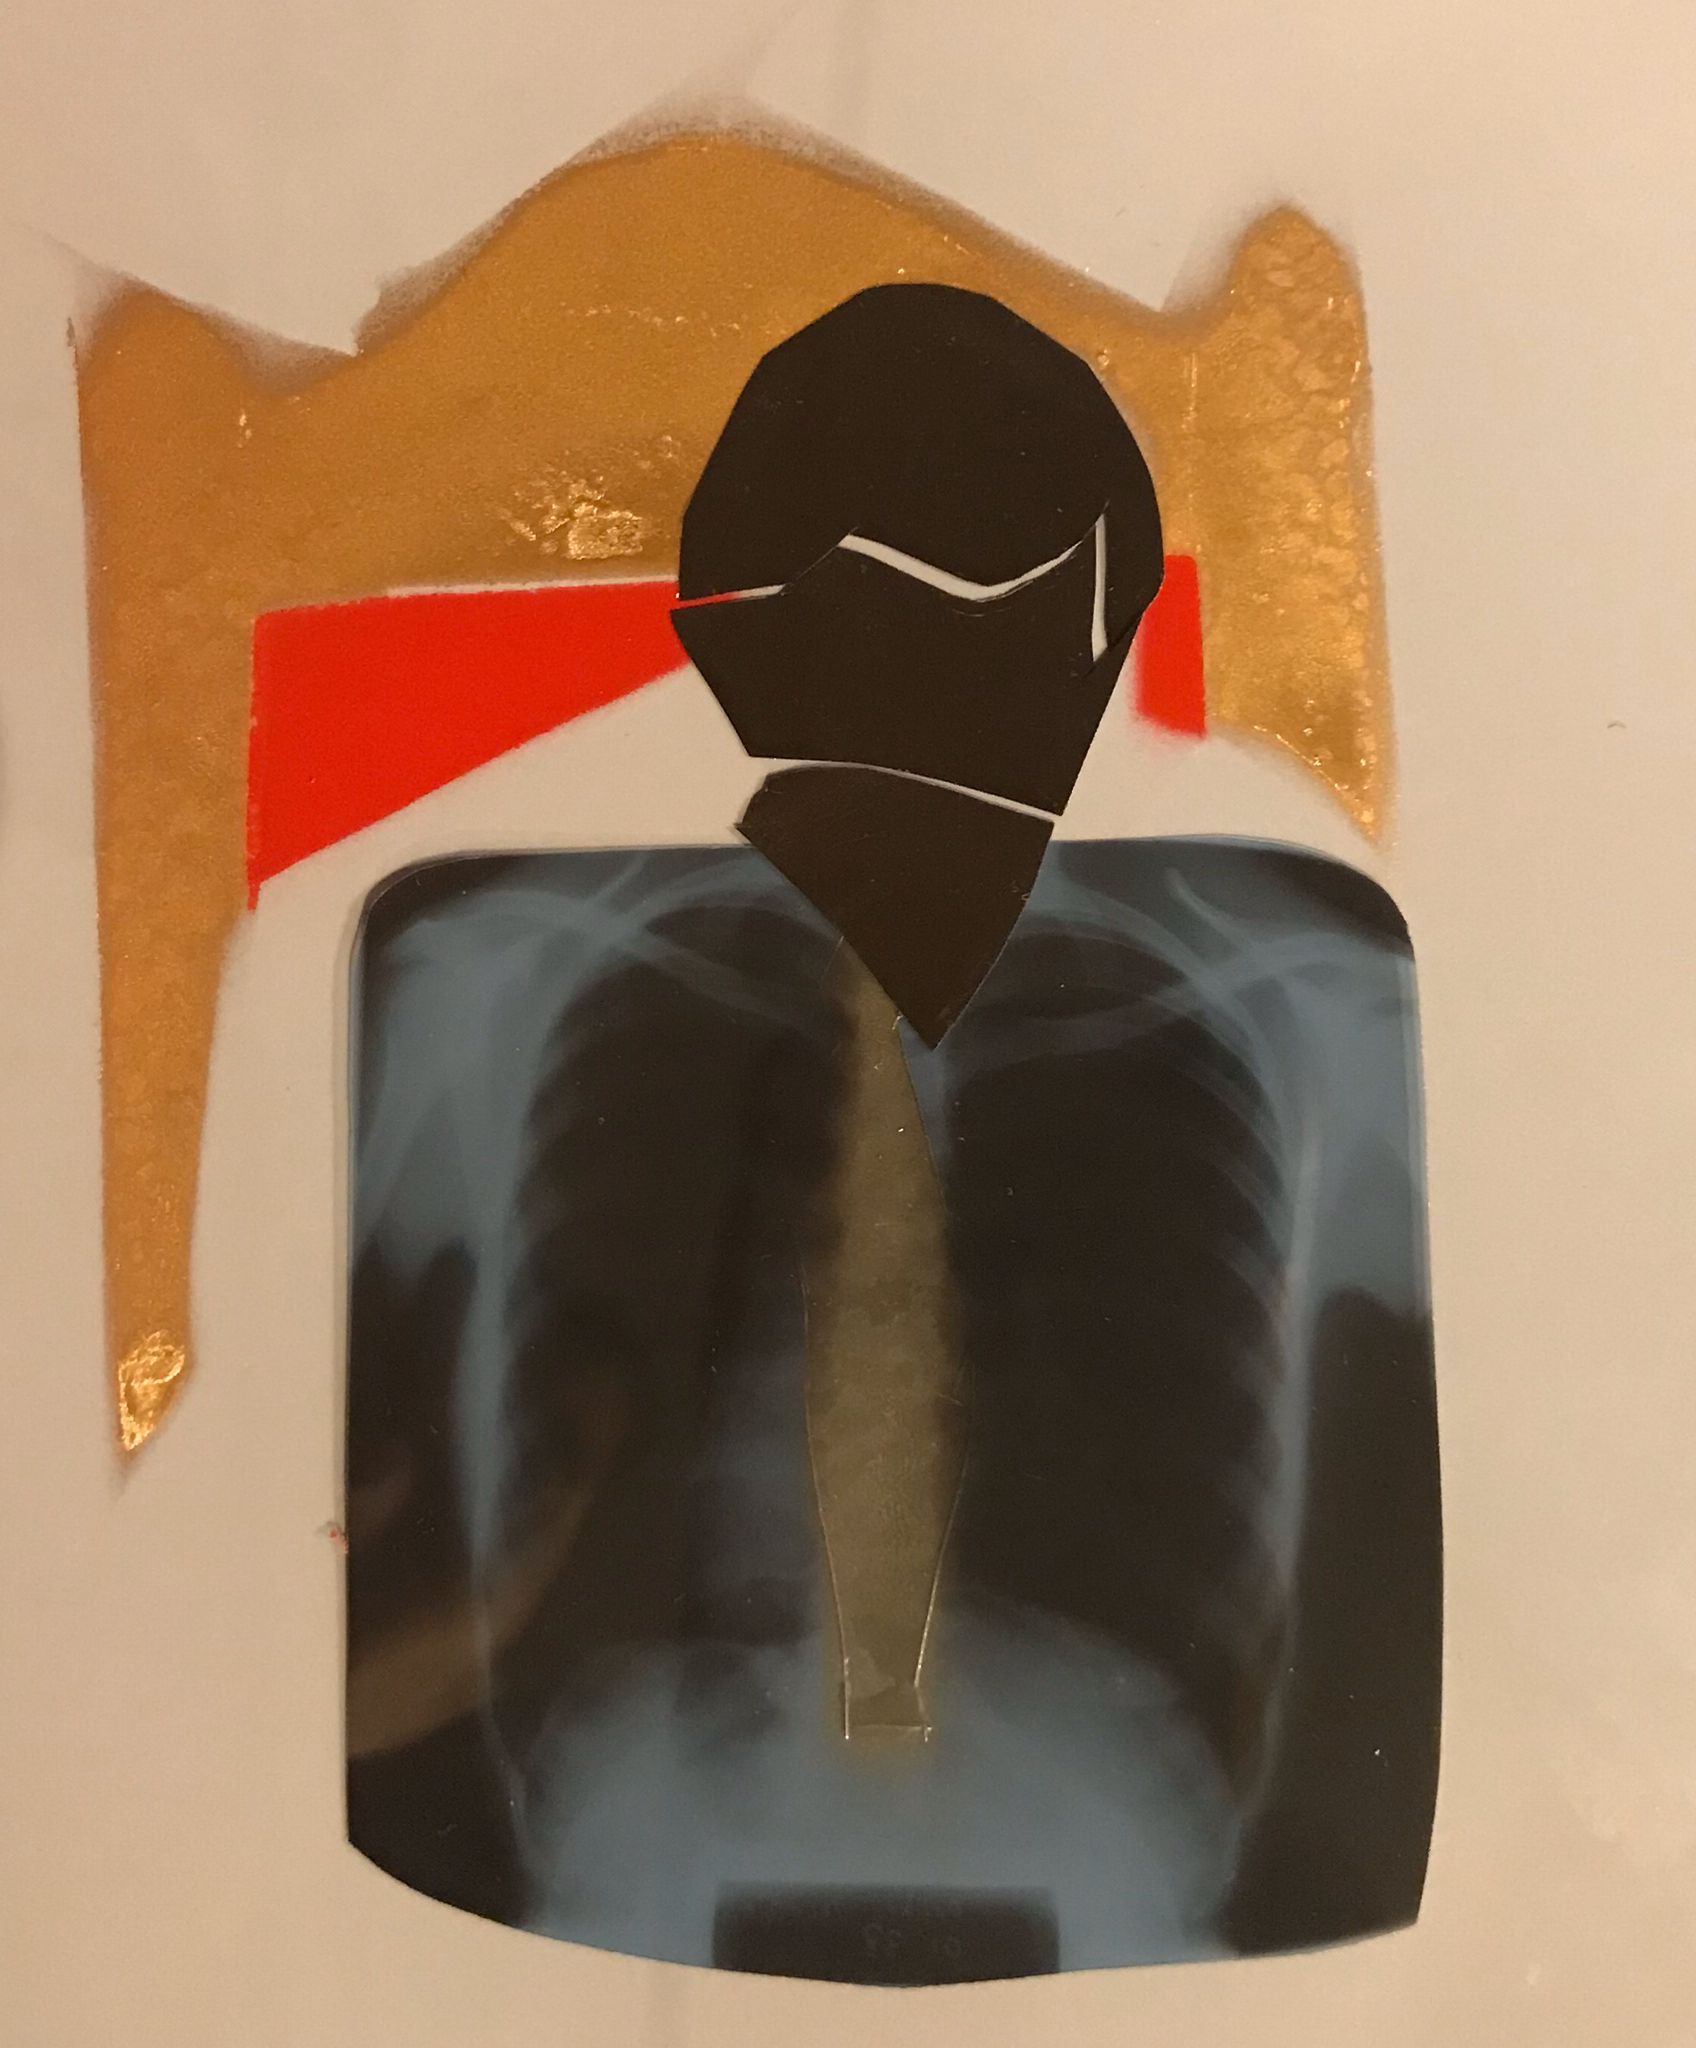 busto di un uomo stilizzato, espresso con tecnica radiografica usata dell'artista con sopra una cravatta color pastello, sullo sfondo la spalla dello scranno su cui siede il presidente del Consiglio